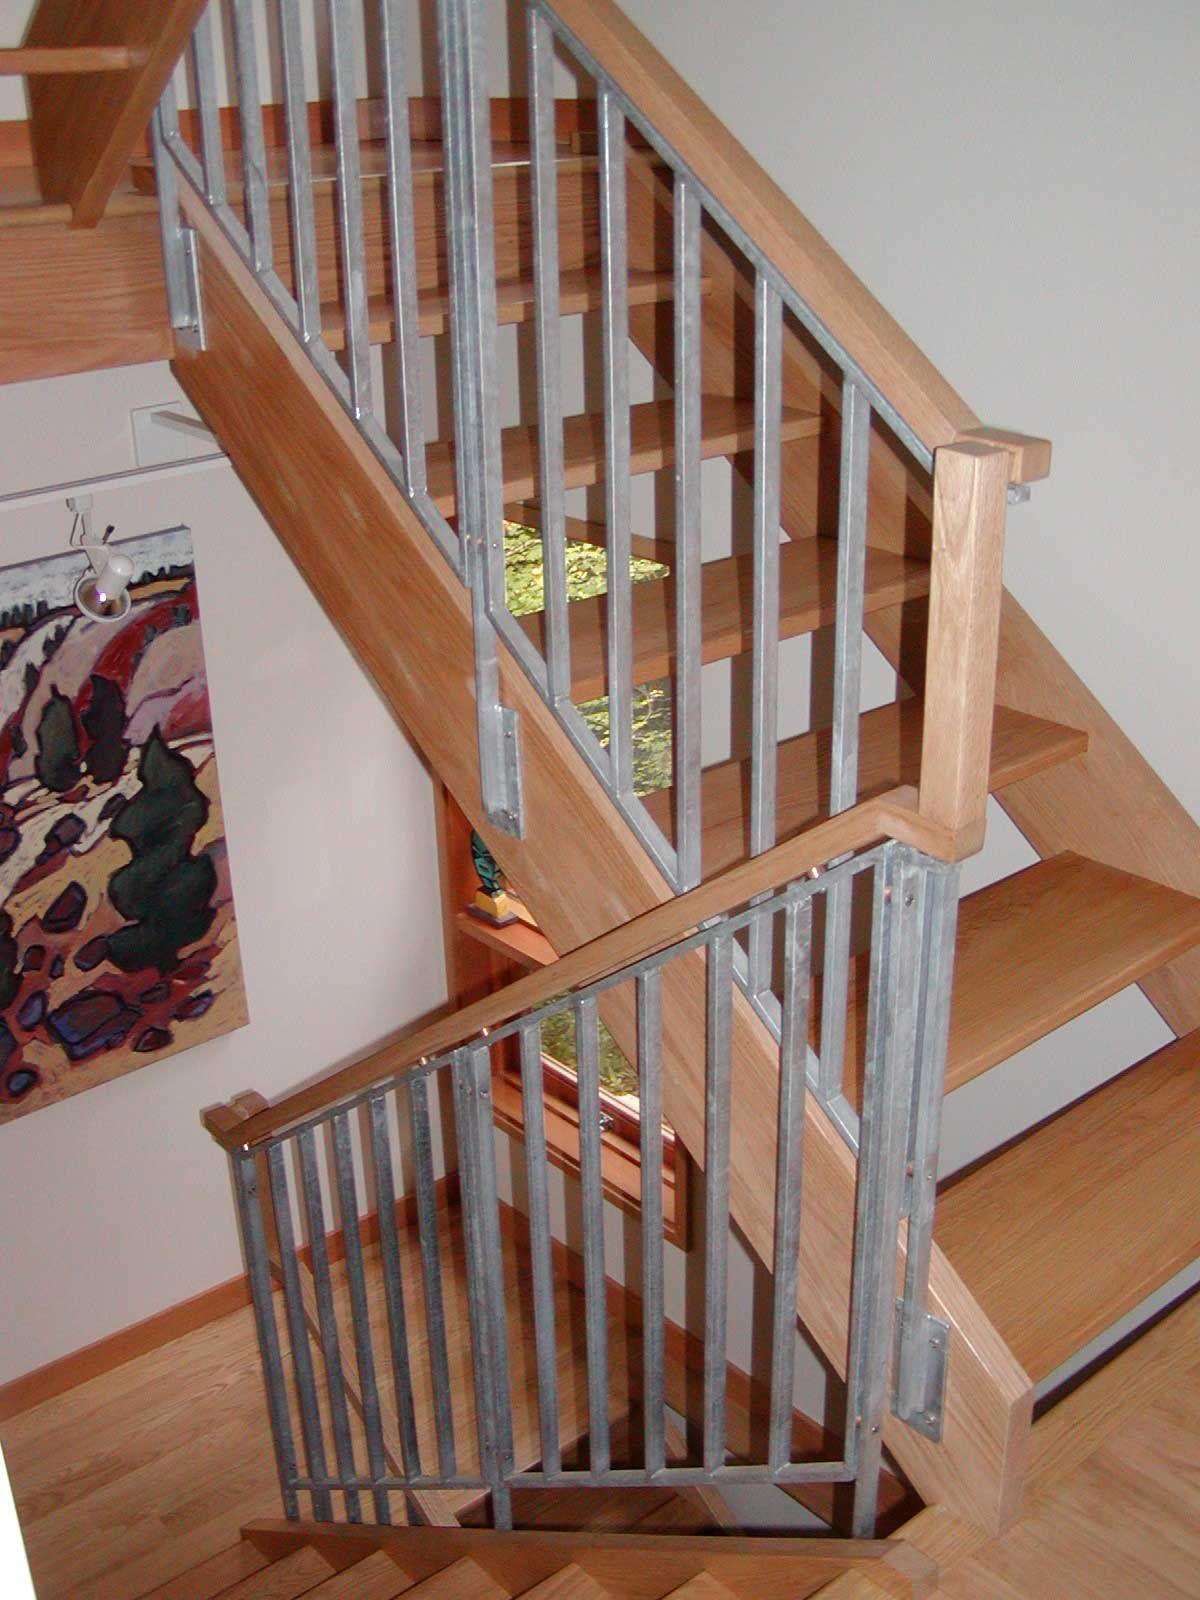 Wood Stair Railings Interior Kris Allen Daily Wooden Staircase   Wooden Stair Railings Indoor   Stain White   House   Wooden Balustrade   Custom   Modern